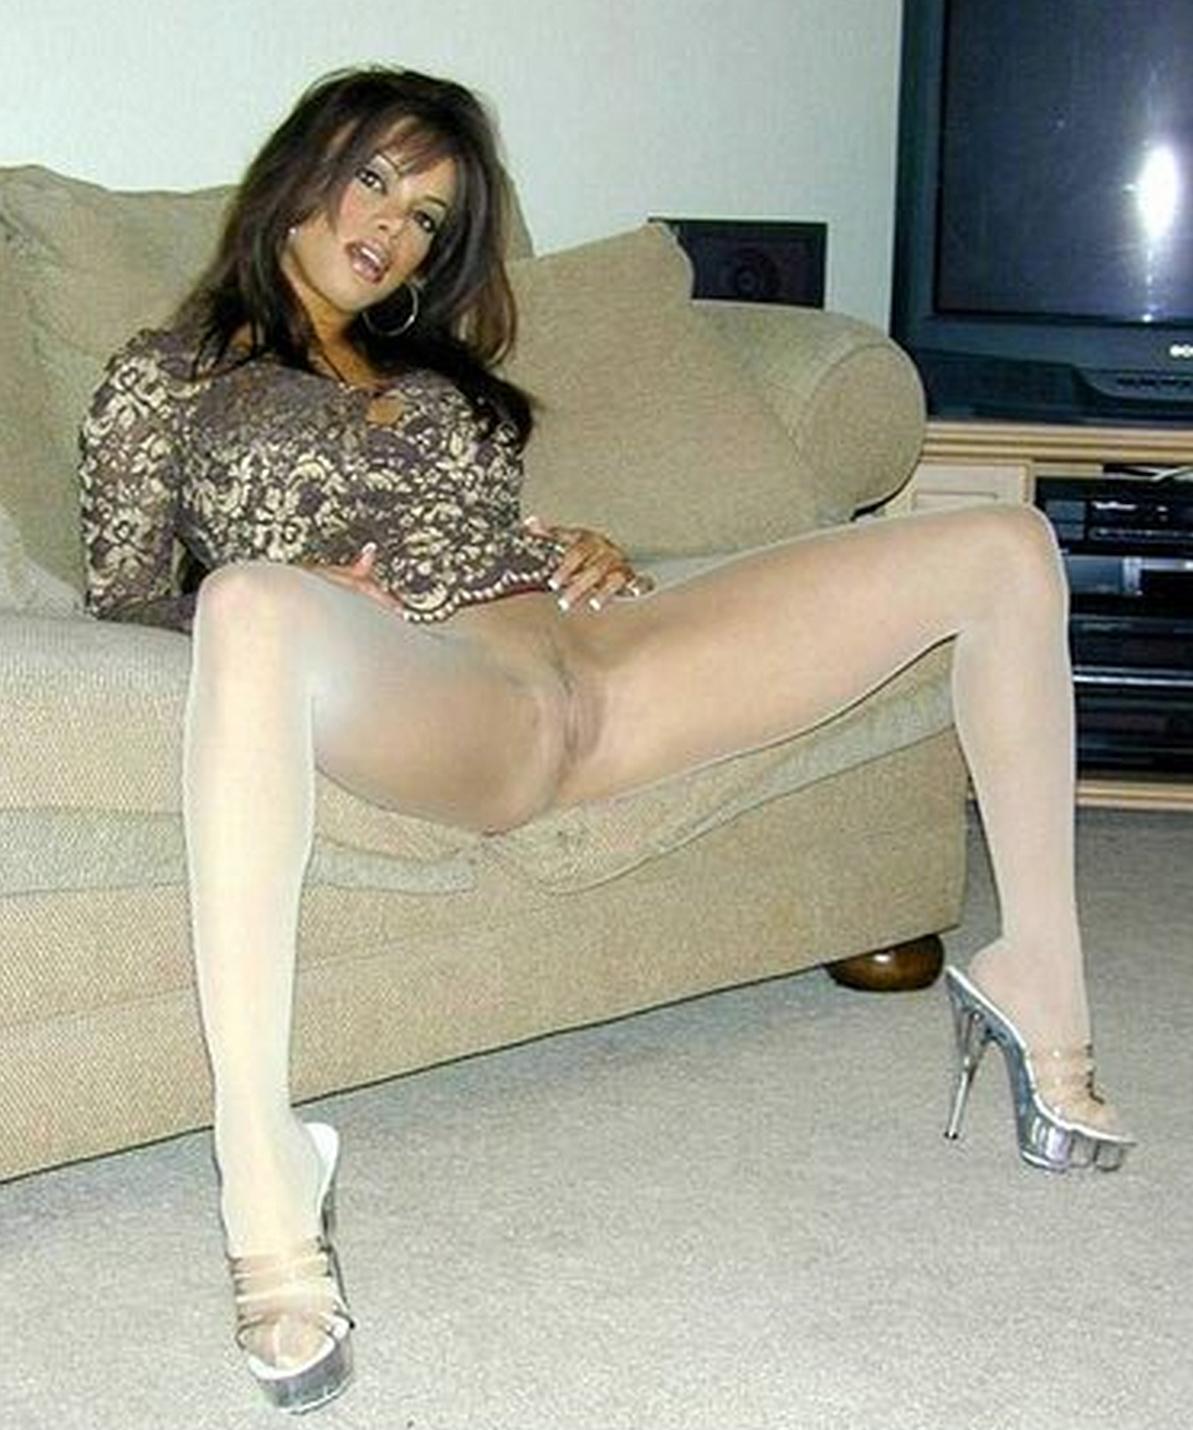 Что у женщины между ног в колготках 7 фотография